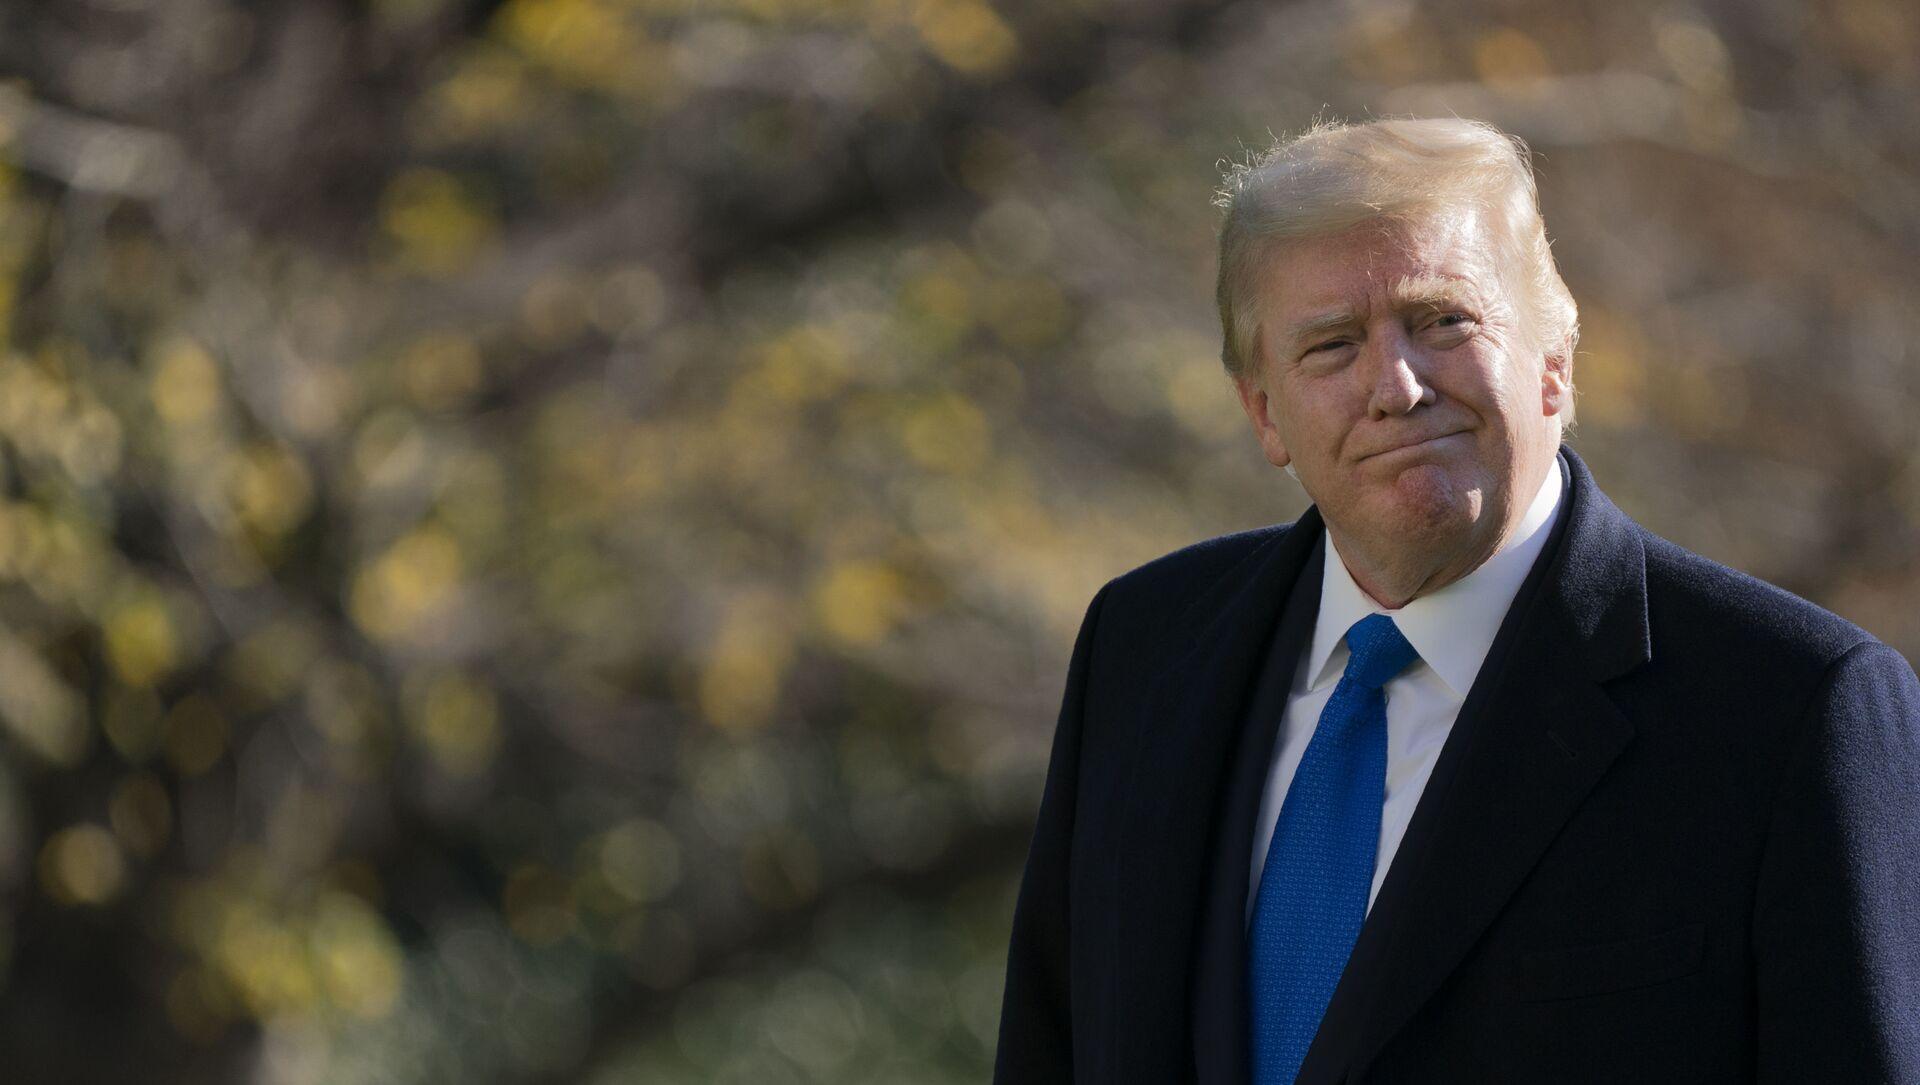 Tổng thống Donald Trump đi dạo trên Bãi cỏ phía Nam của Nhà Trắng ở Washington, Chủ nhật, ngày 29 tháng 11 năm 2020, sau khi rời Marine One. Trump đang trở về từ Trại David - Sputnik Việt Nam, 1920, 06.06.2021